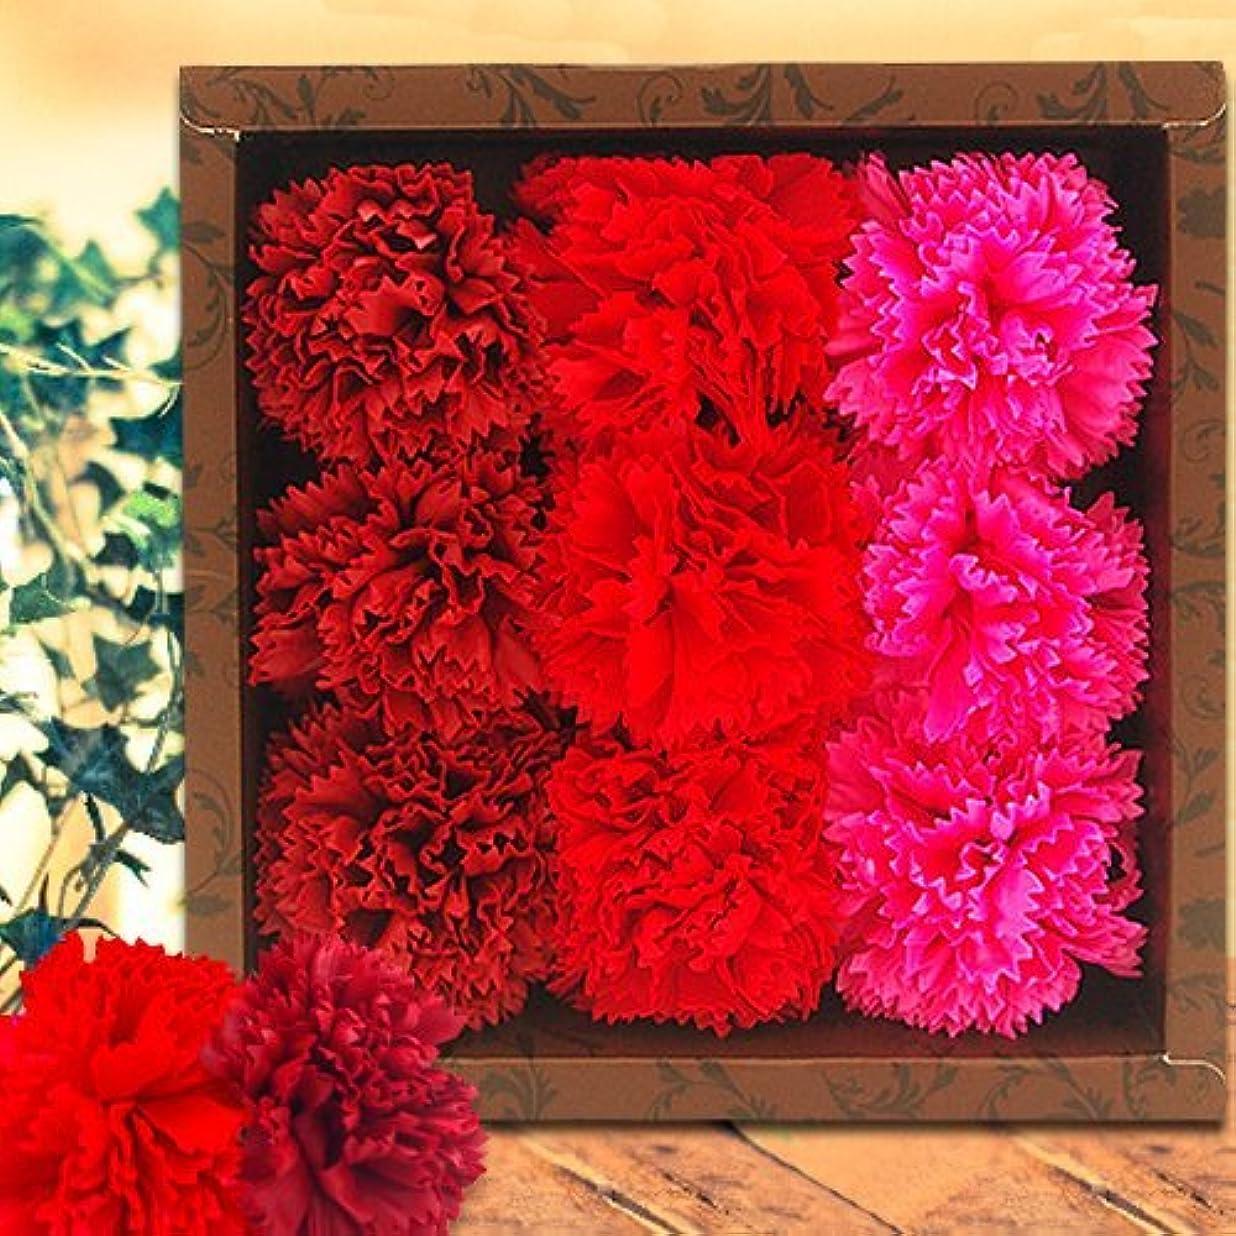 ドリンク結婚する科学者フラワーフレグランス(Carnation/Red)